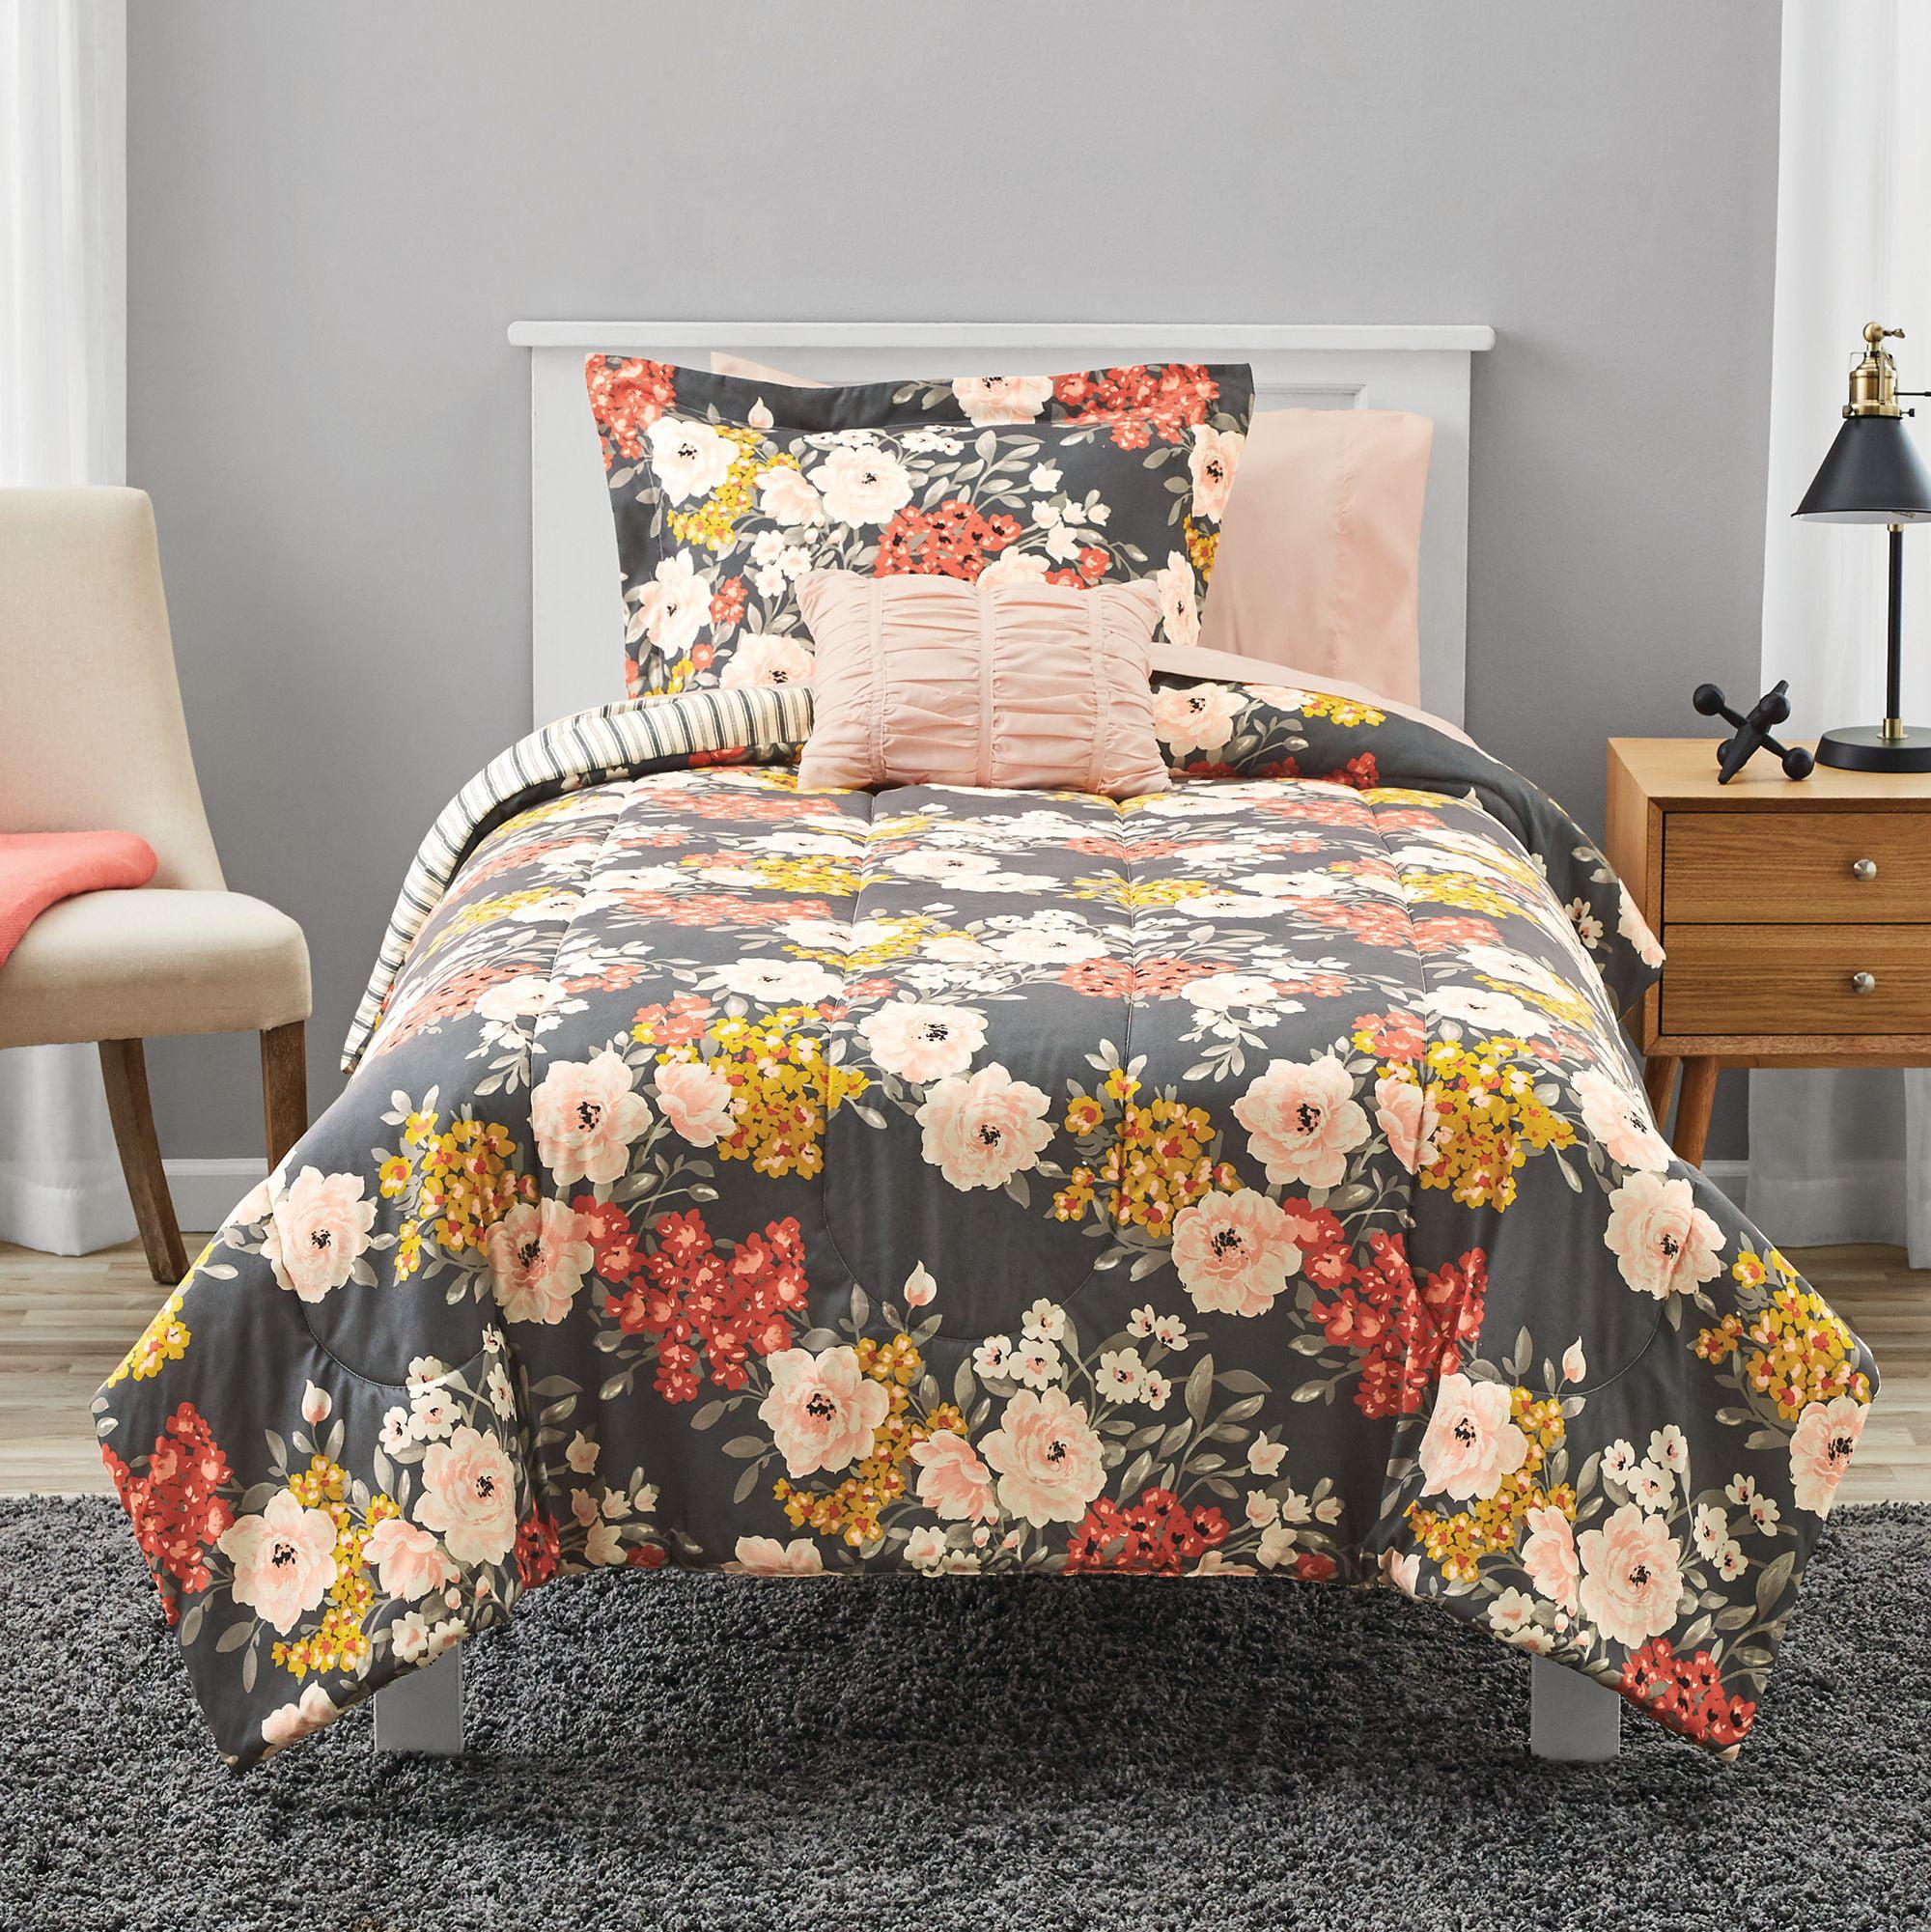 Mainstays Grey Floral Bed In A Bag Comforter Bedding Set